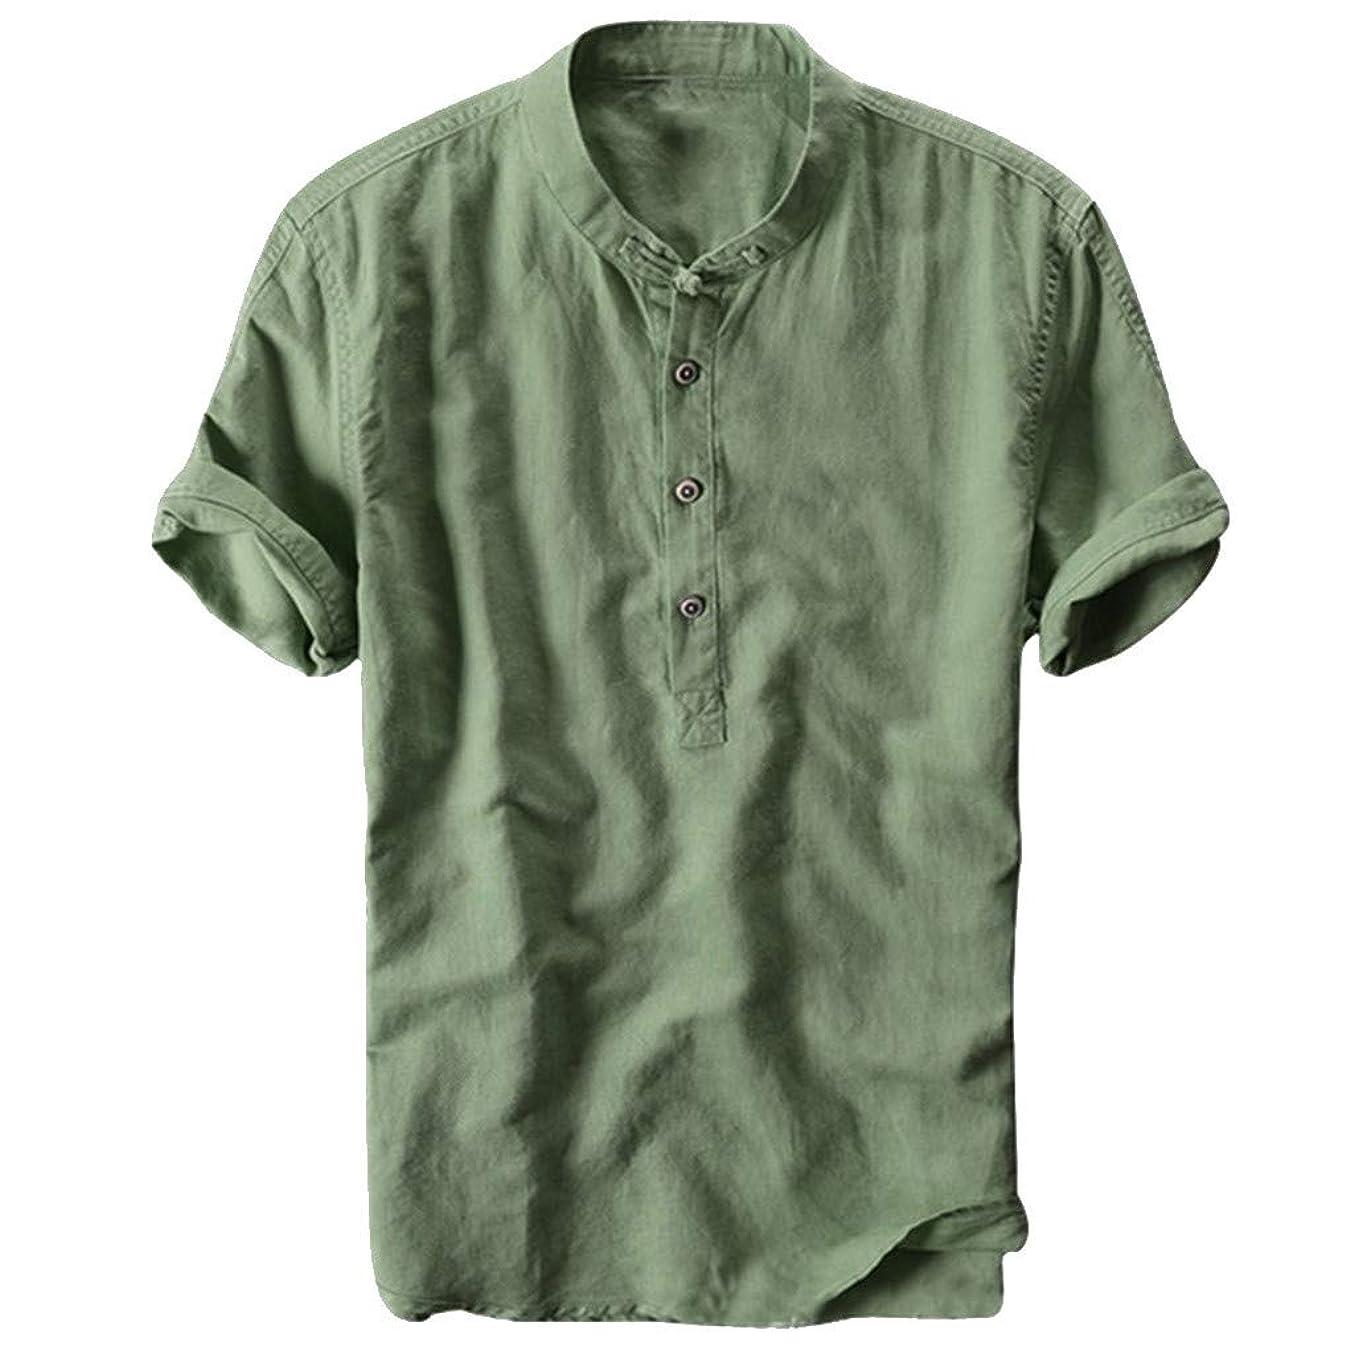 導出無意味音楽を聴くCharku 夏服 メンズ Tシャツ 半袖 Vネック 麻 夏 服 ボタン付き 軽い 柔らかい シルエット おしゃれ ファッション 人気 快適 薄手 麻 ストリート リンネル カジュアル シャツ ブラウス トップス カジュアル トップ シャツ 夏季対応